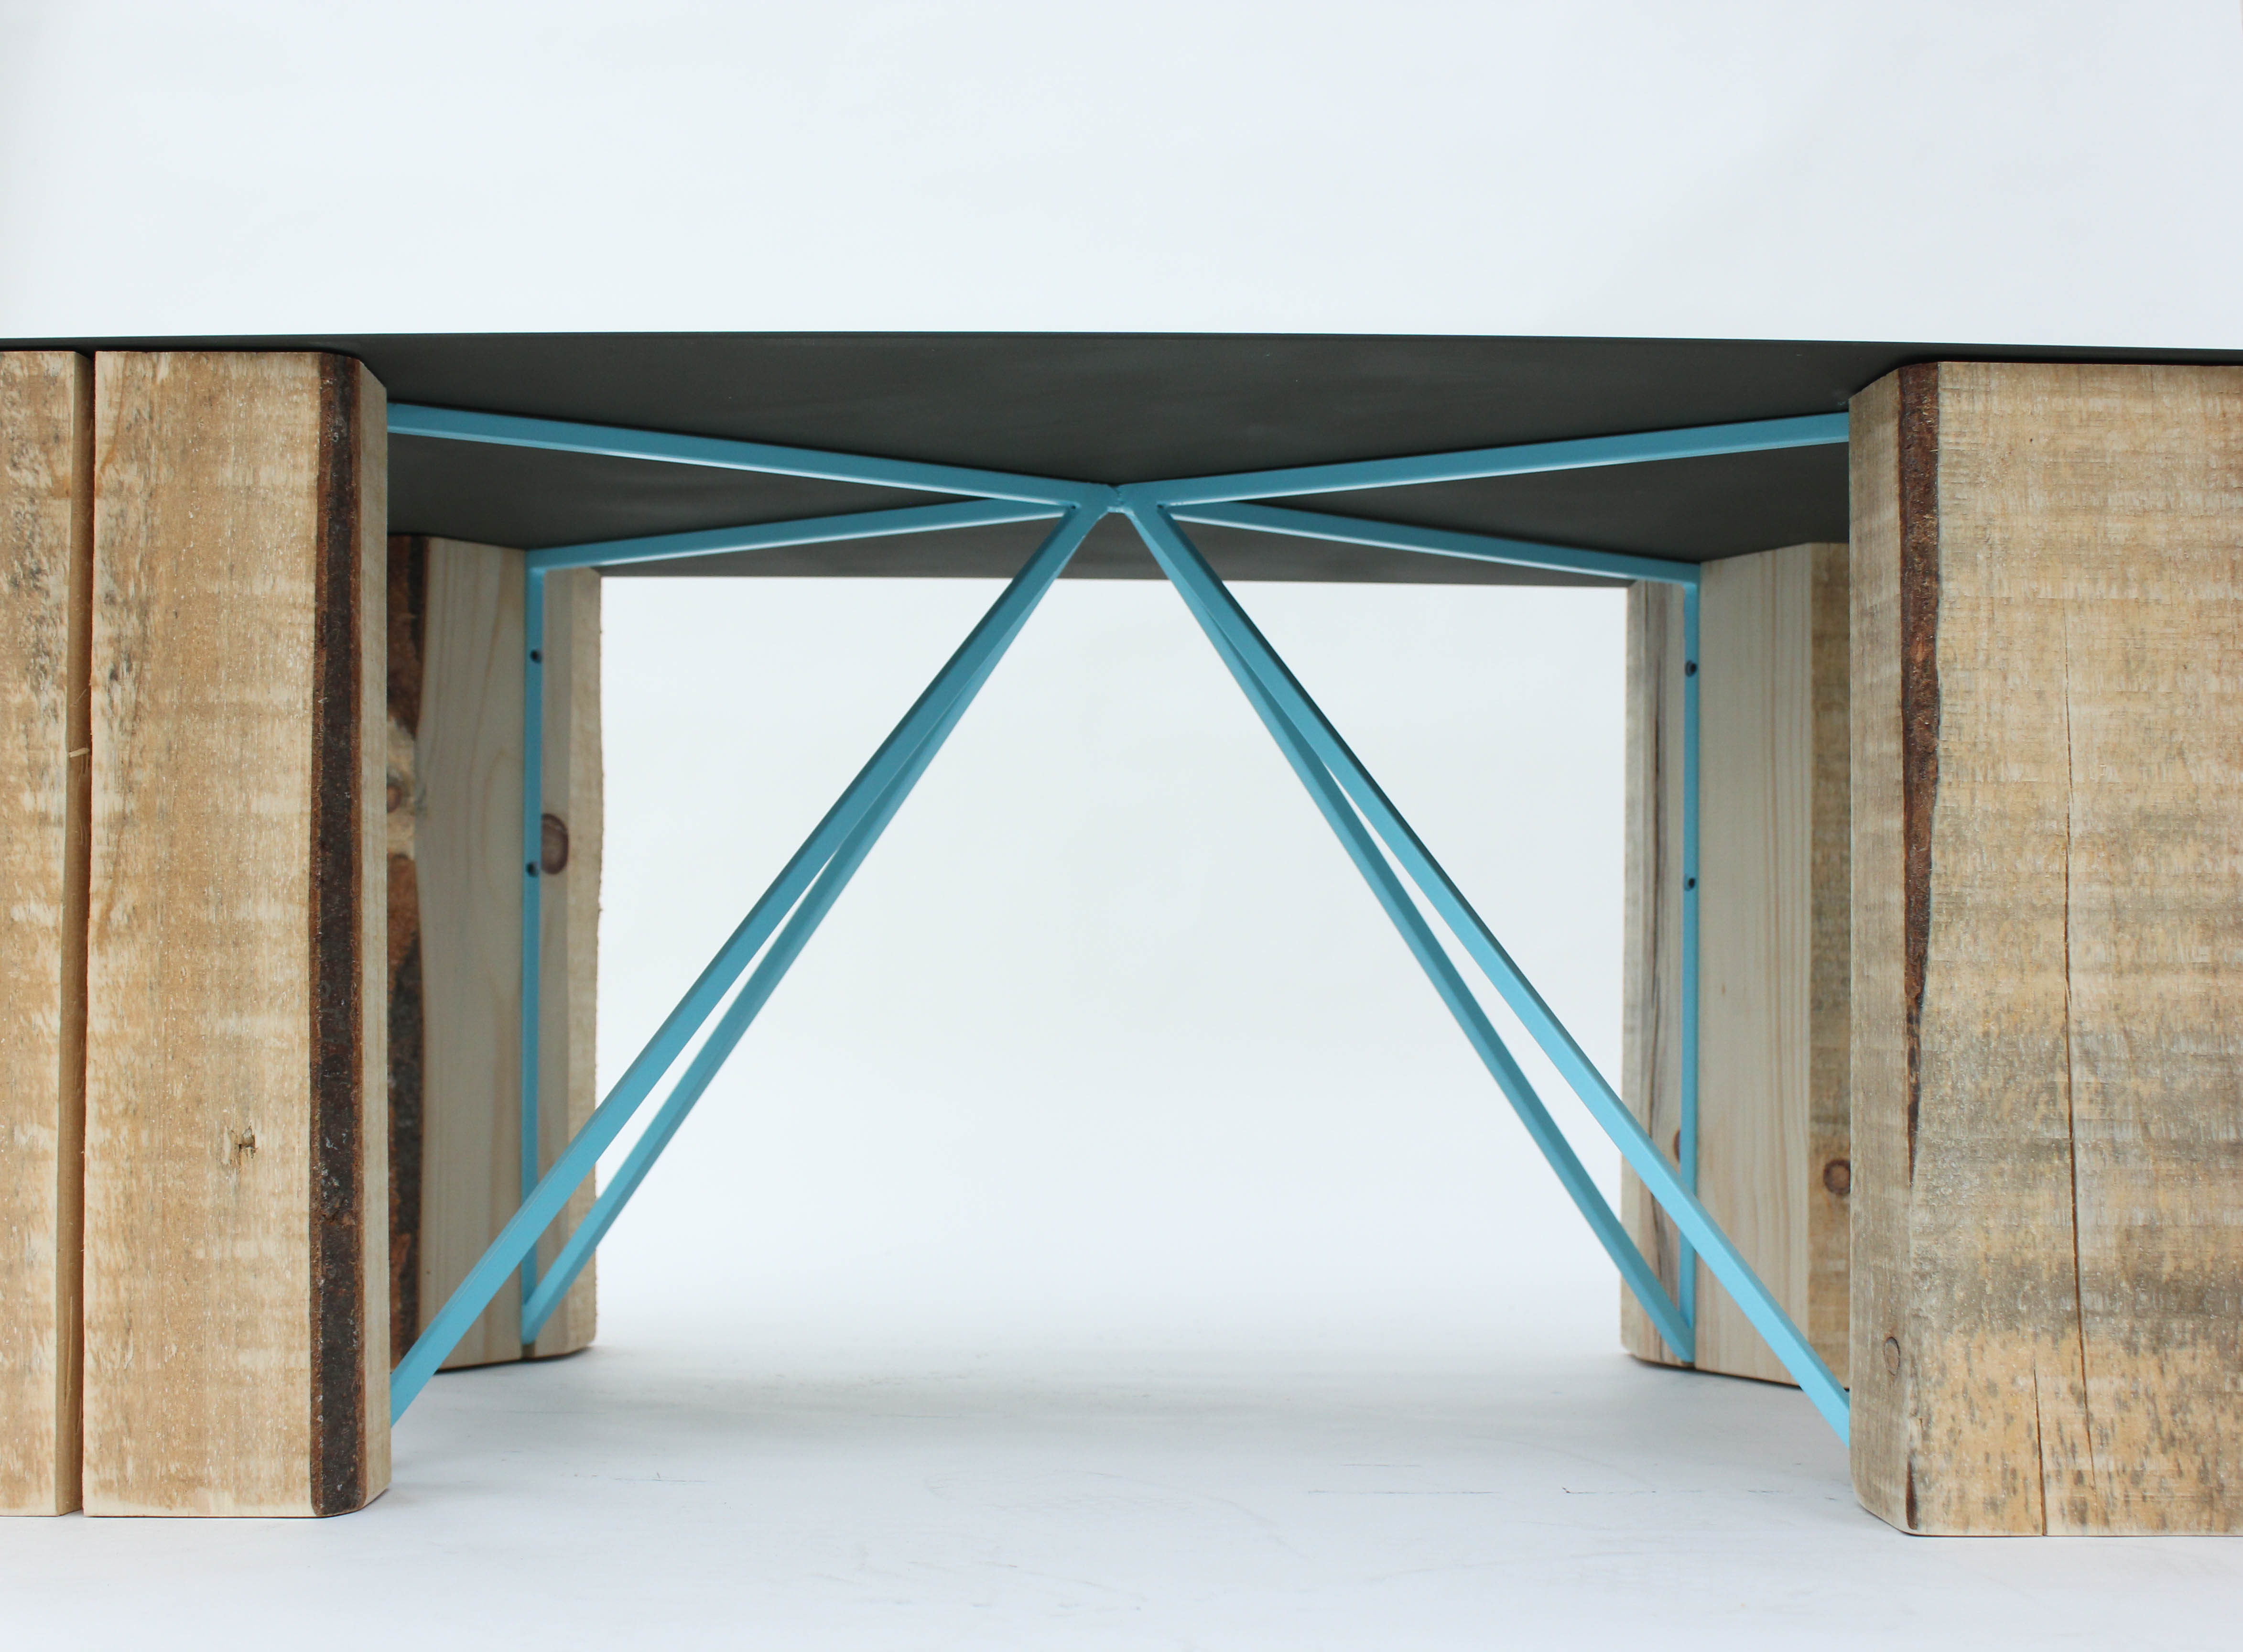 meubles roll 2-8